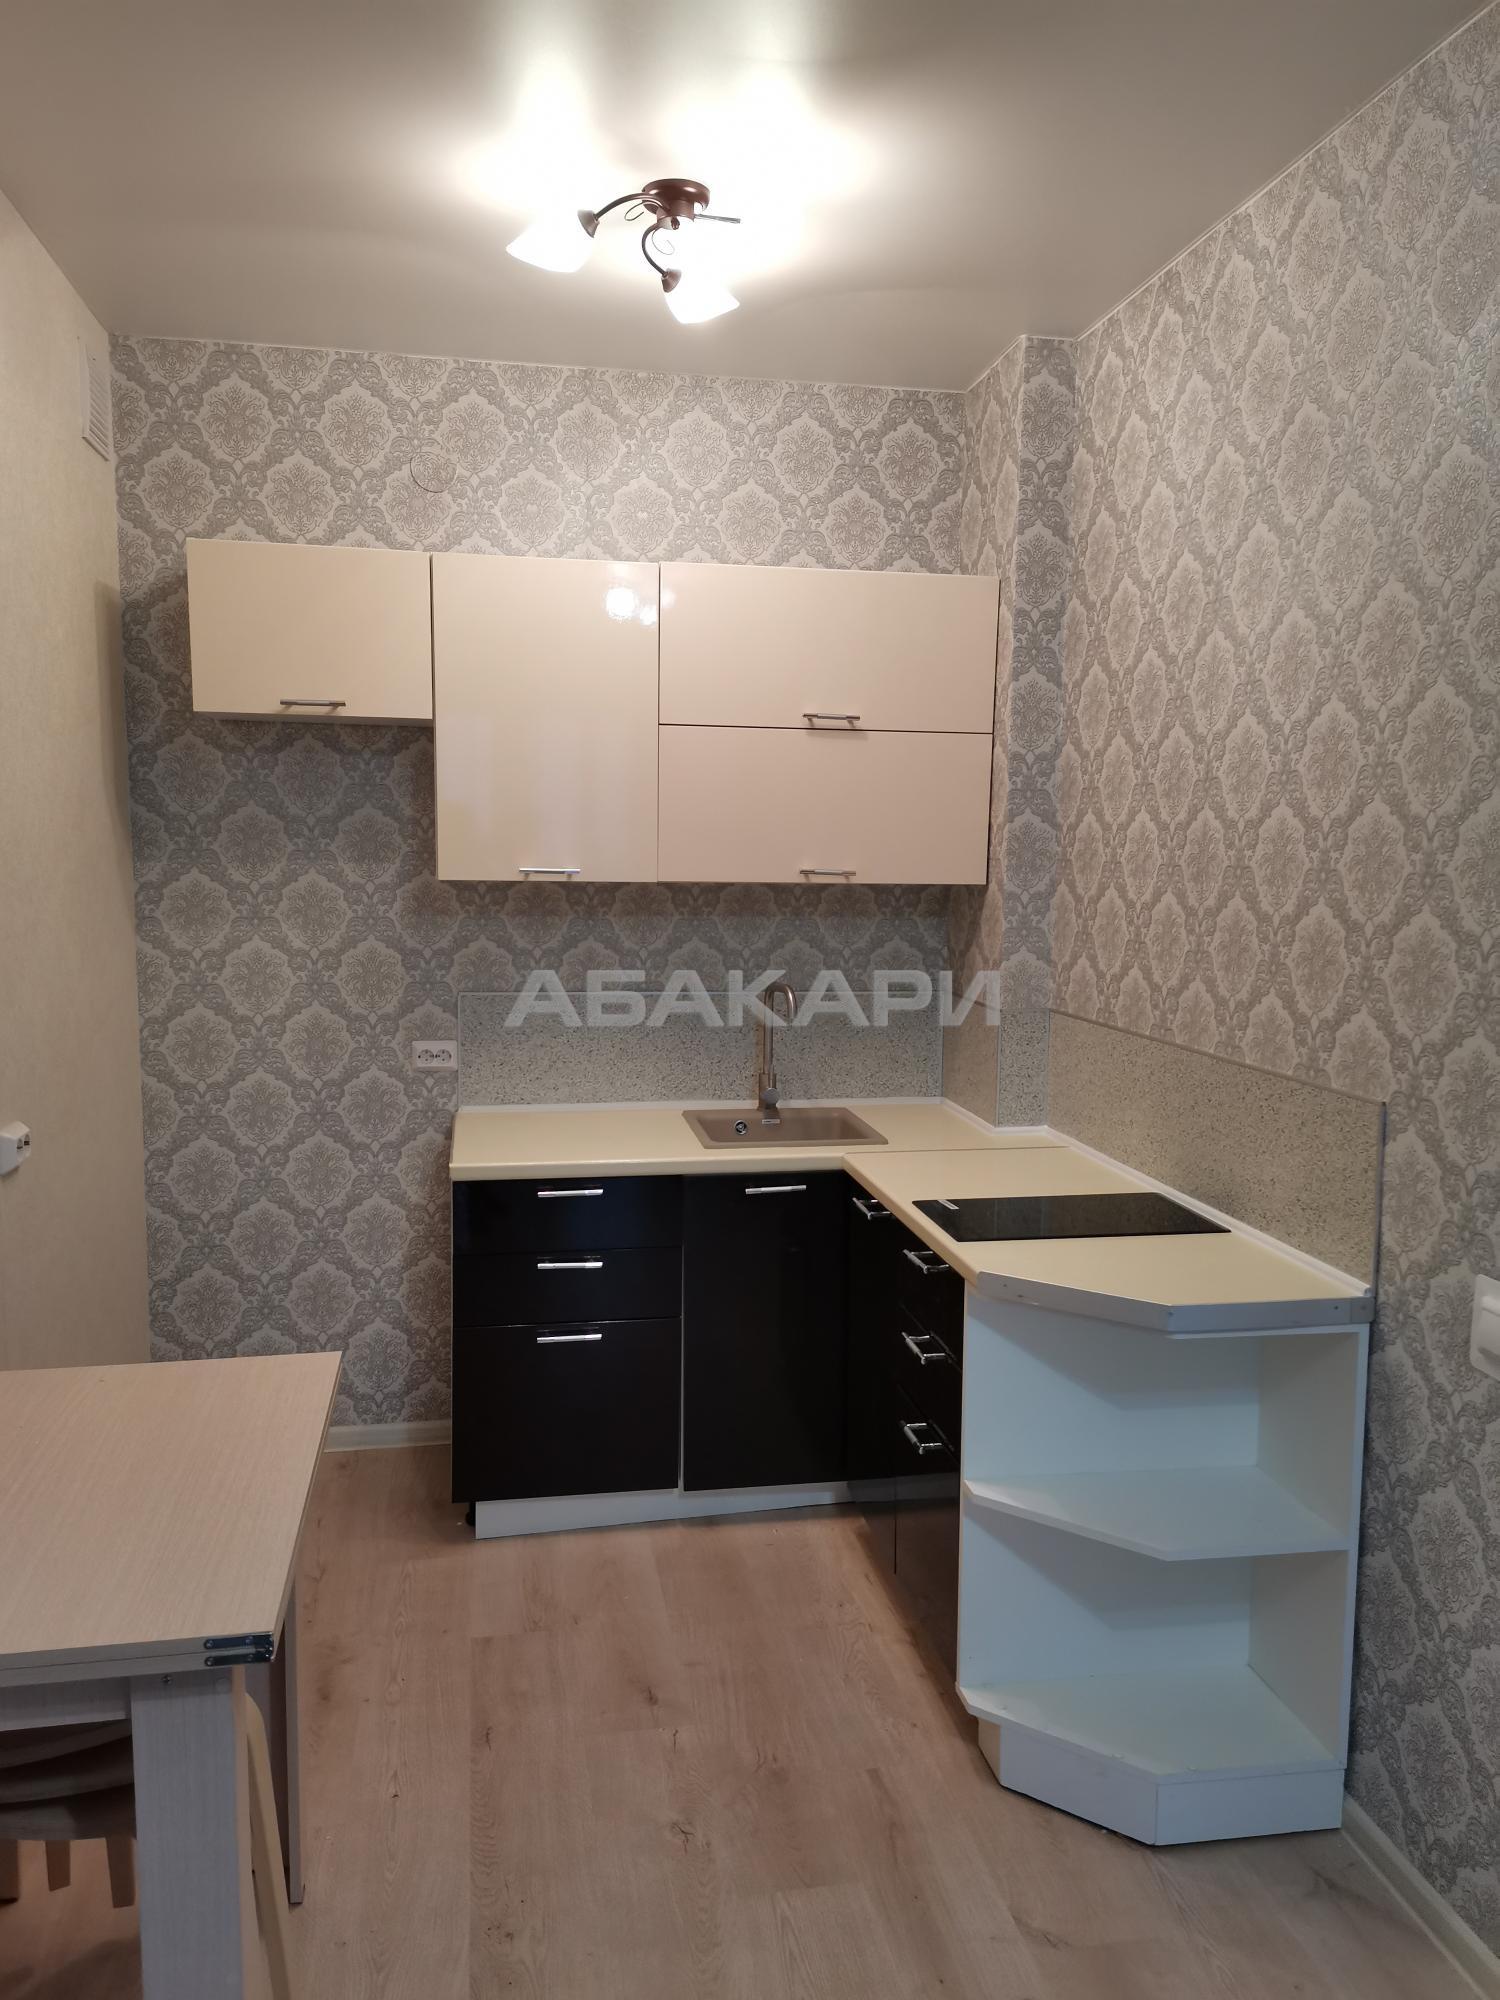 2к квартира улица Шахтеров, 33Л 3/17 - 34кв | 23000 | аренда в Красноярске фото 3